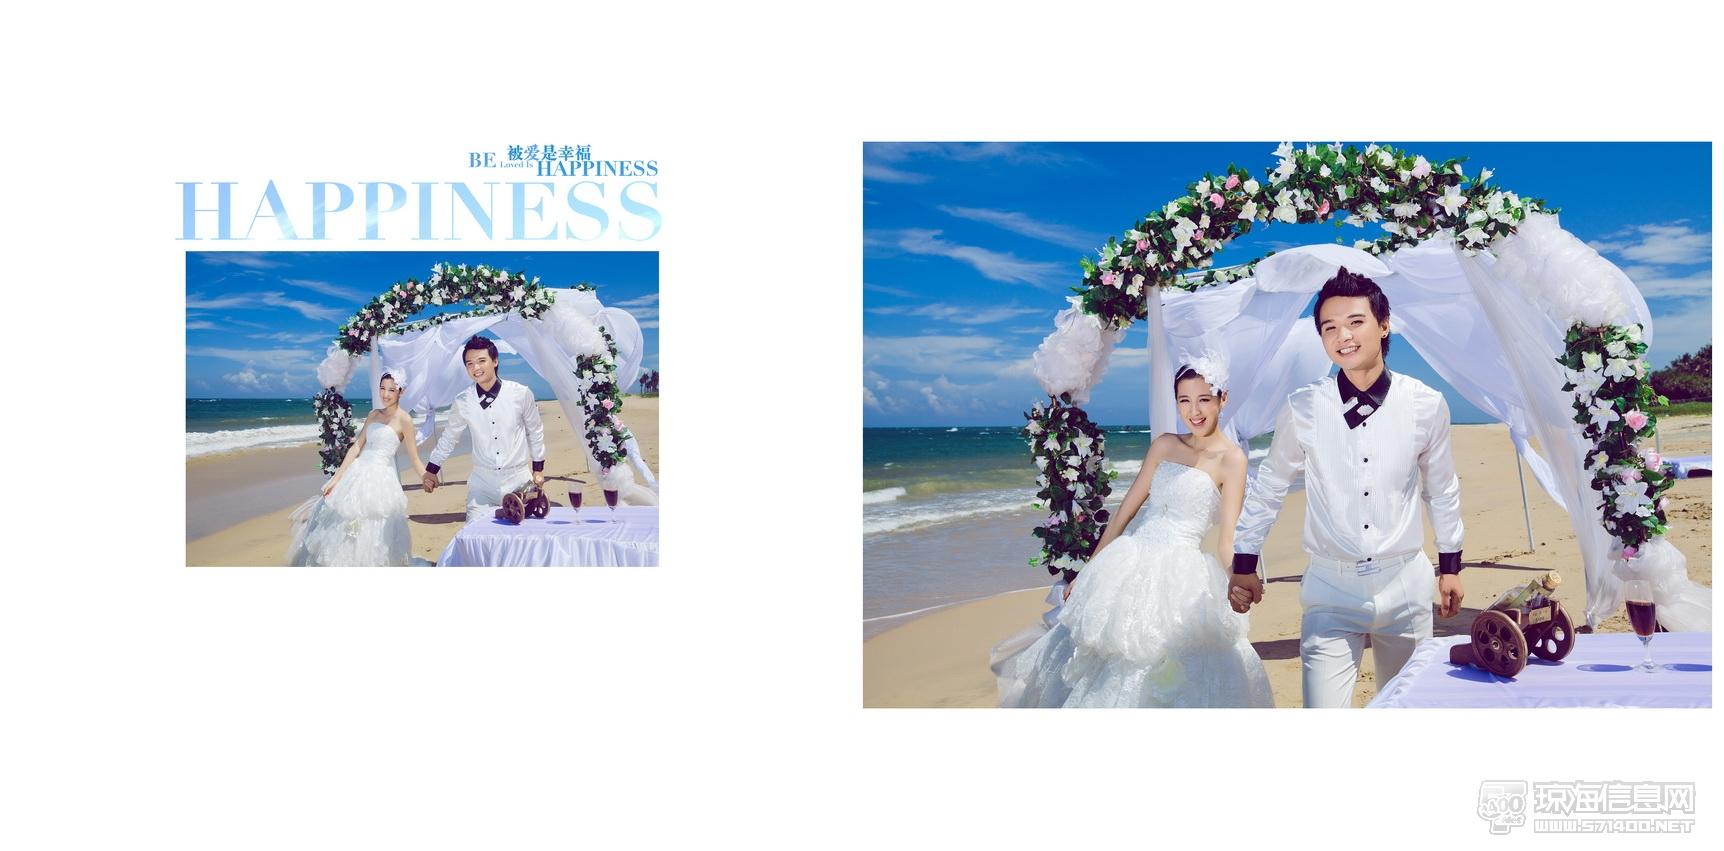 携手走进幸福殿堂,海岛婚礼策划